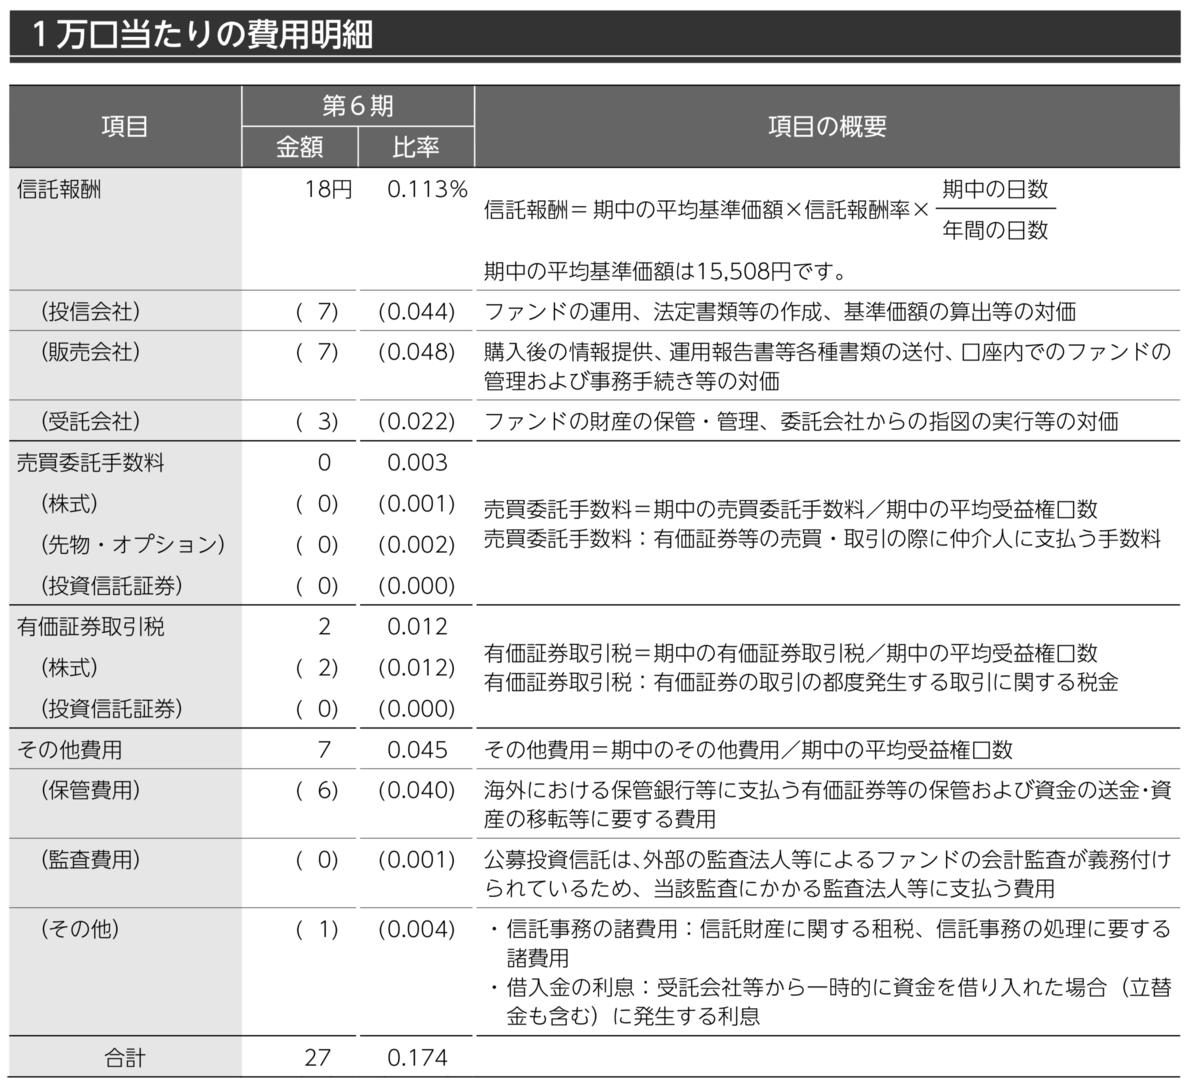 f:id:bo-yang:20200122124838p:plain